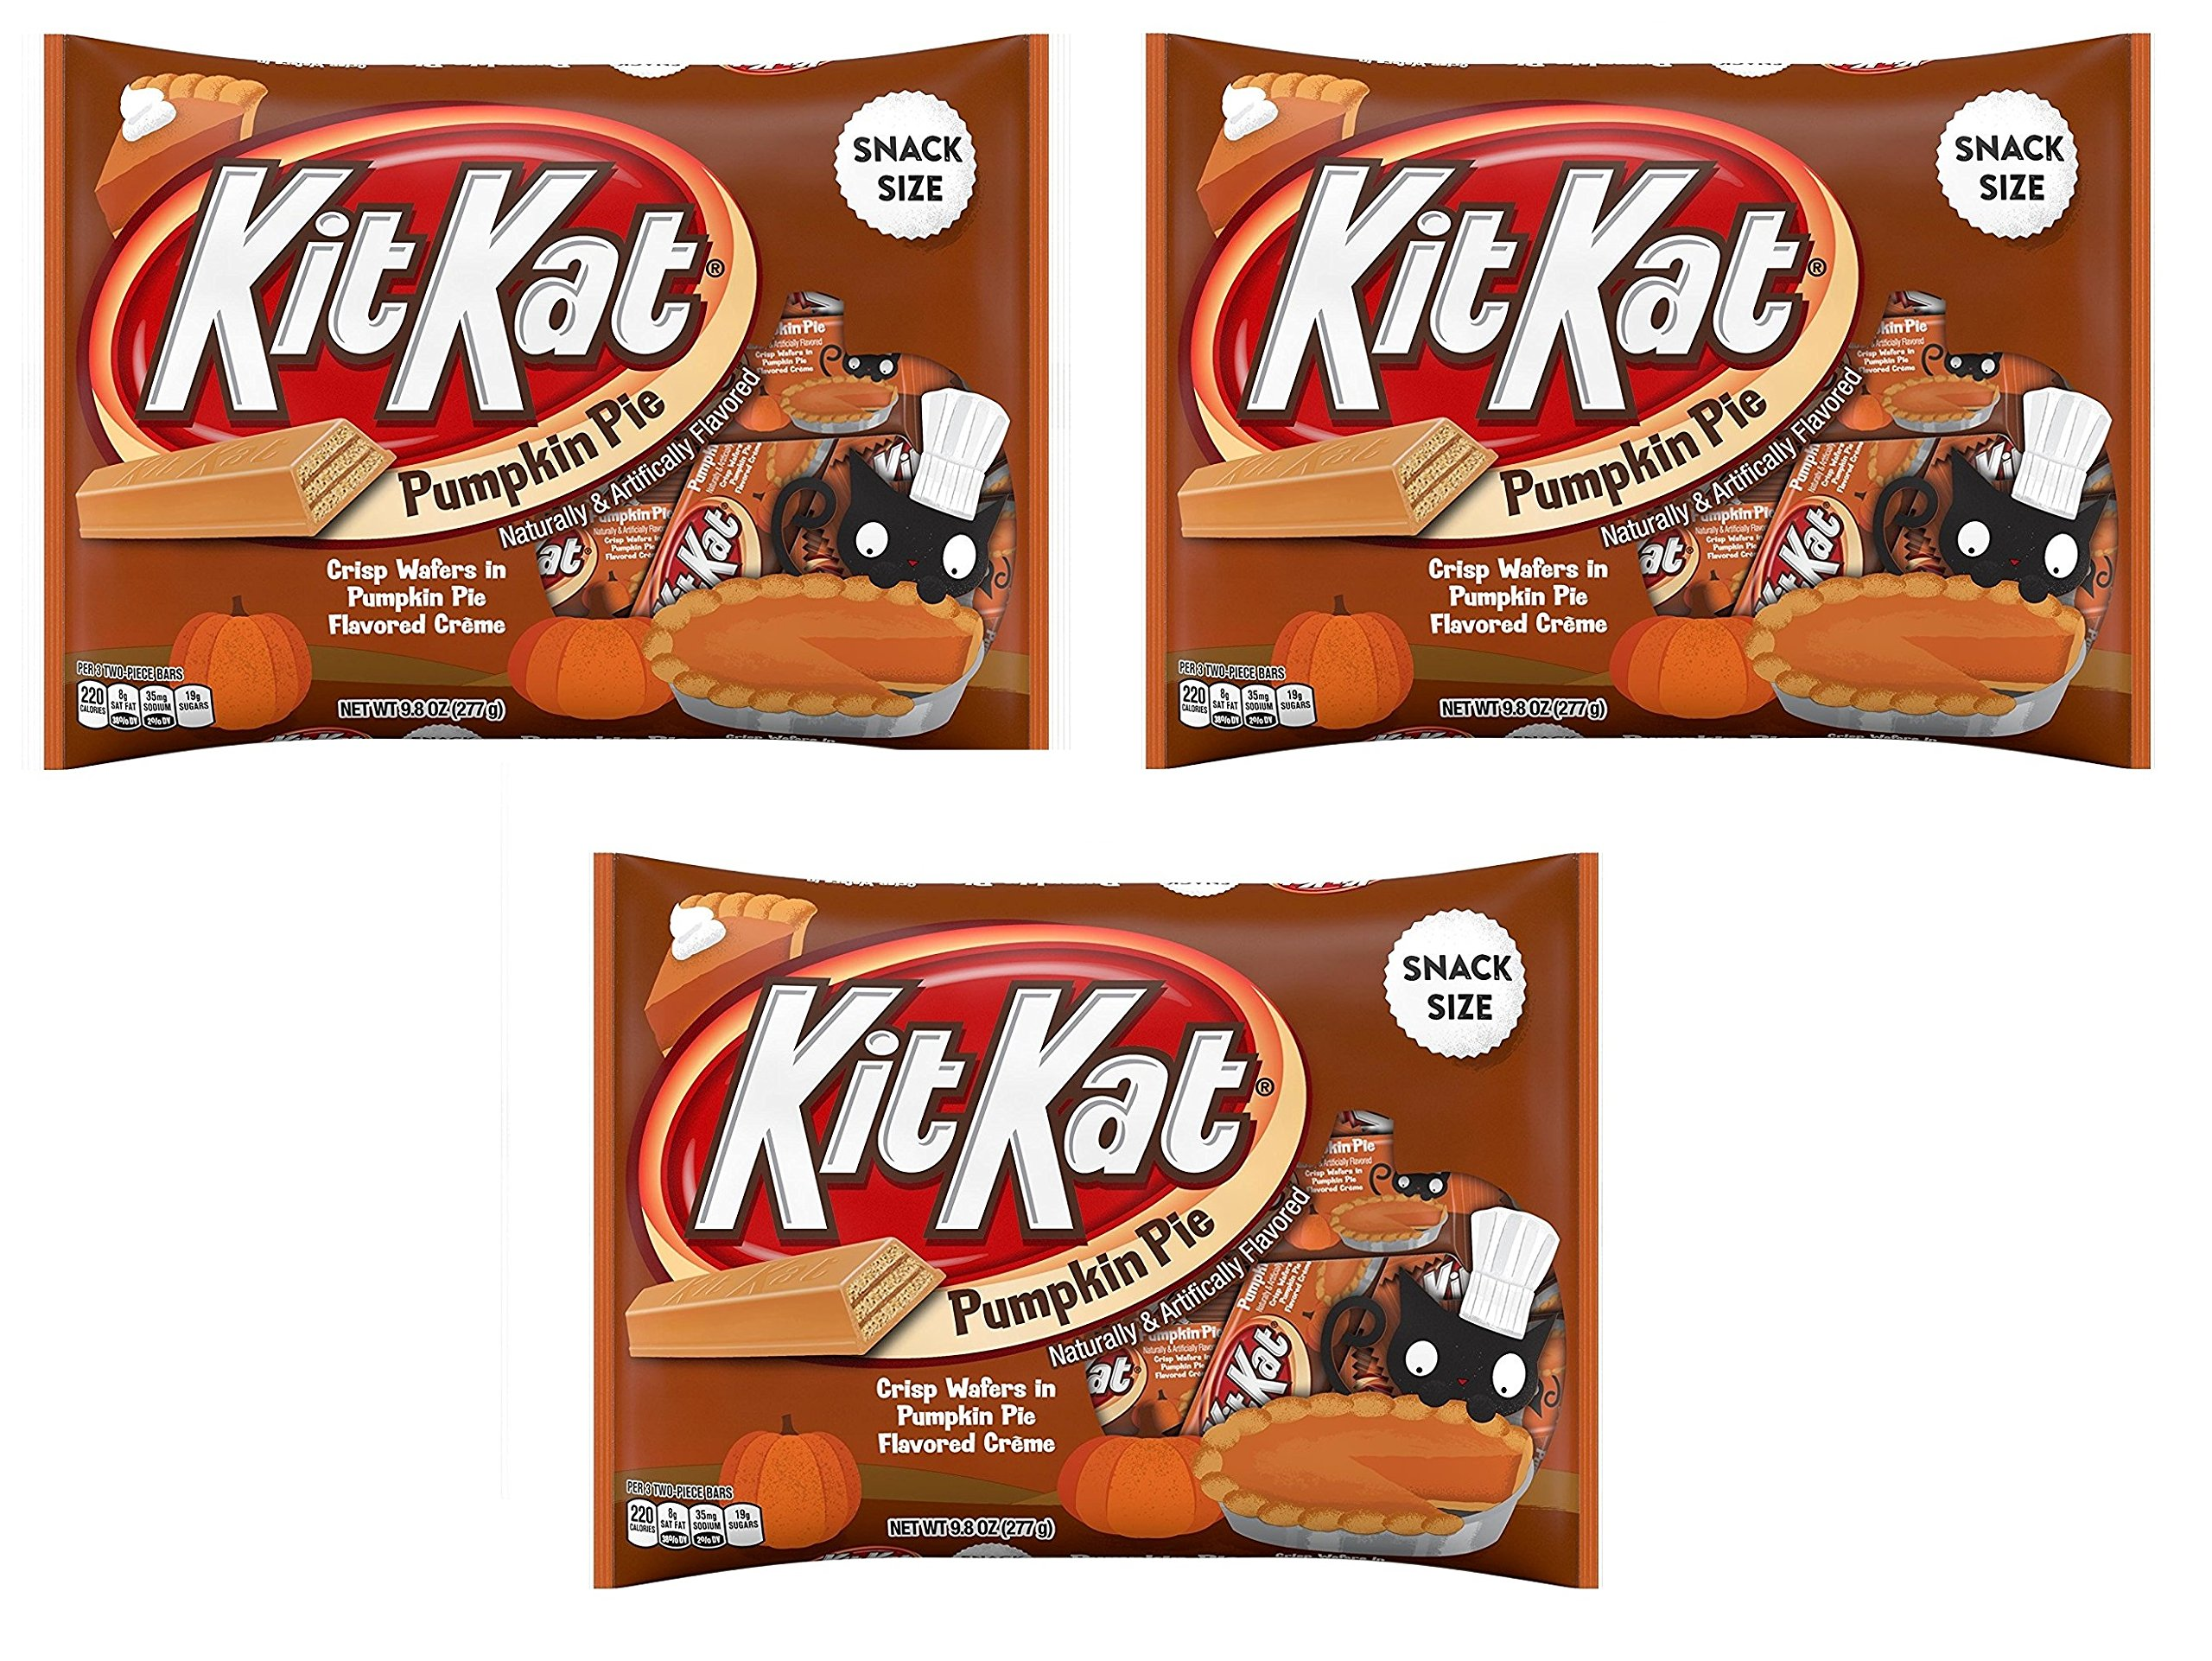 KitKat Pumpkin Pie Snack Size Crisp Wafers 9.8oz (Pack of 3) by Kit Kat